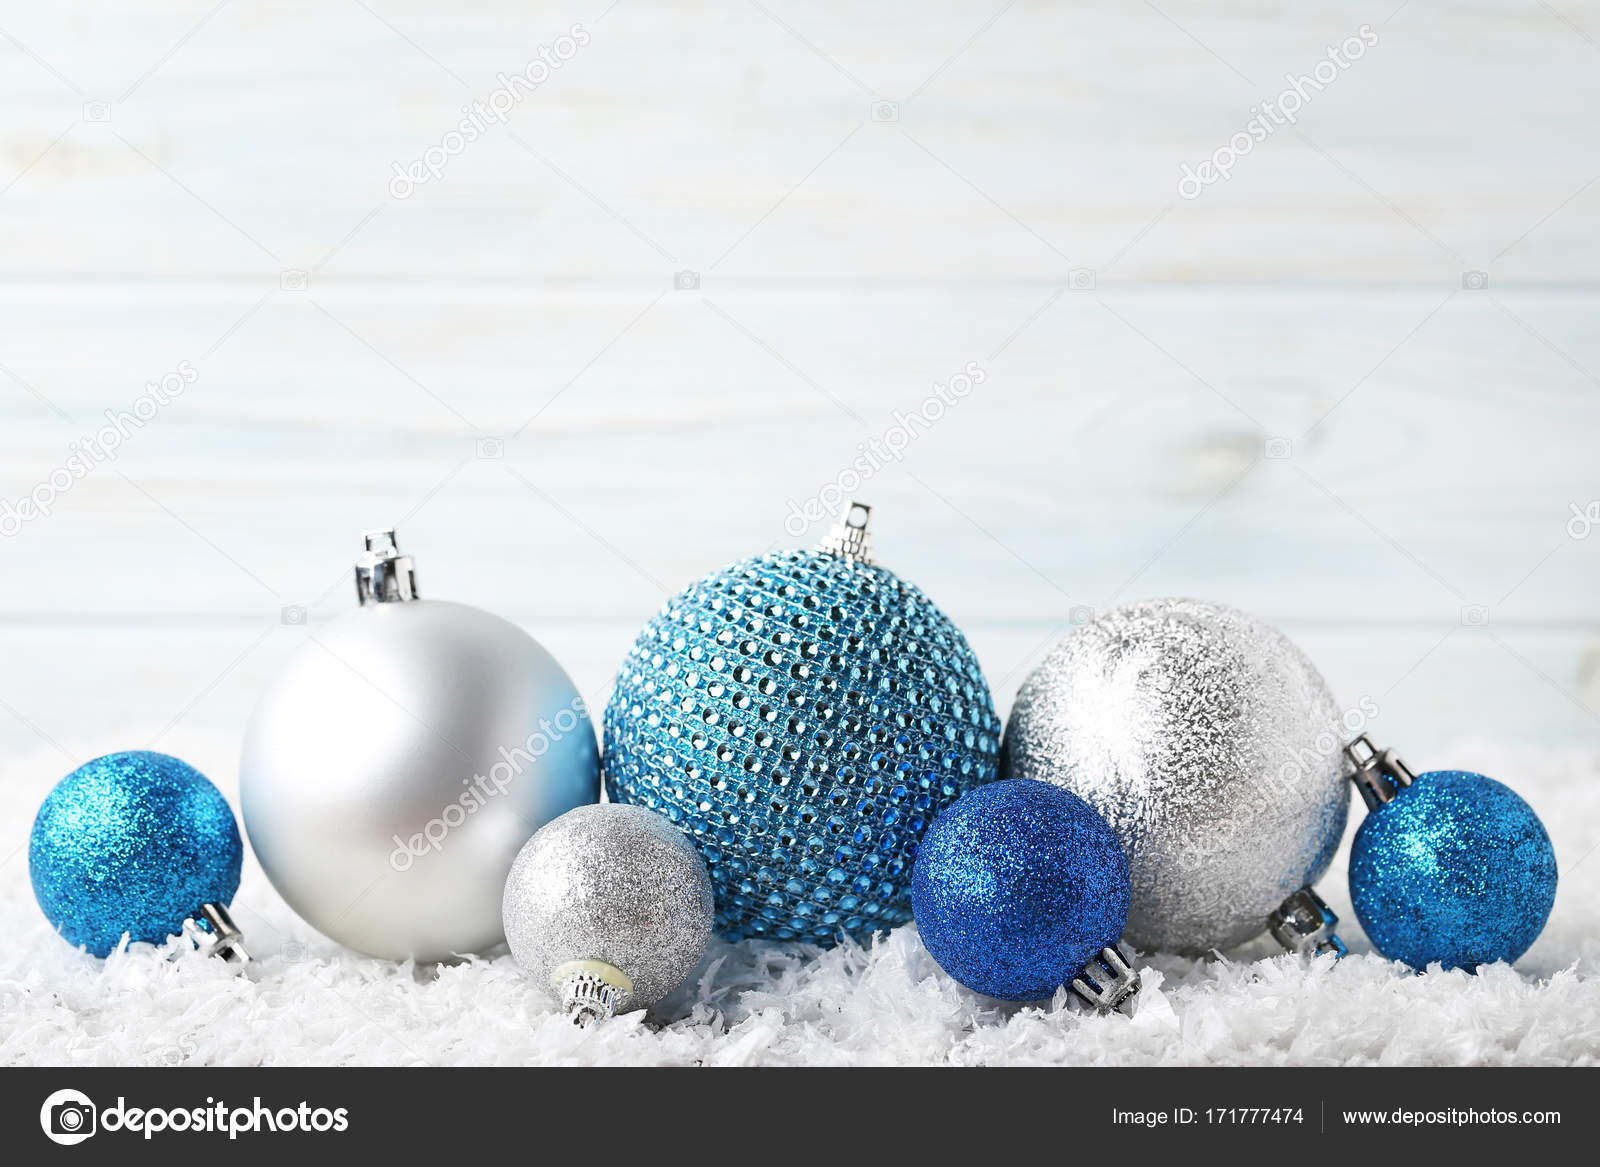 Christbaumkugeln Blau.Silberne Und Blaue Christbaumkugeln Stockfoto 5seconds 171777474